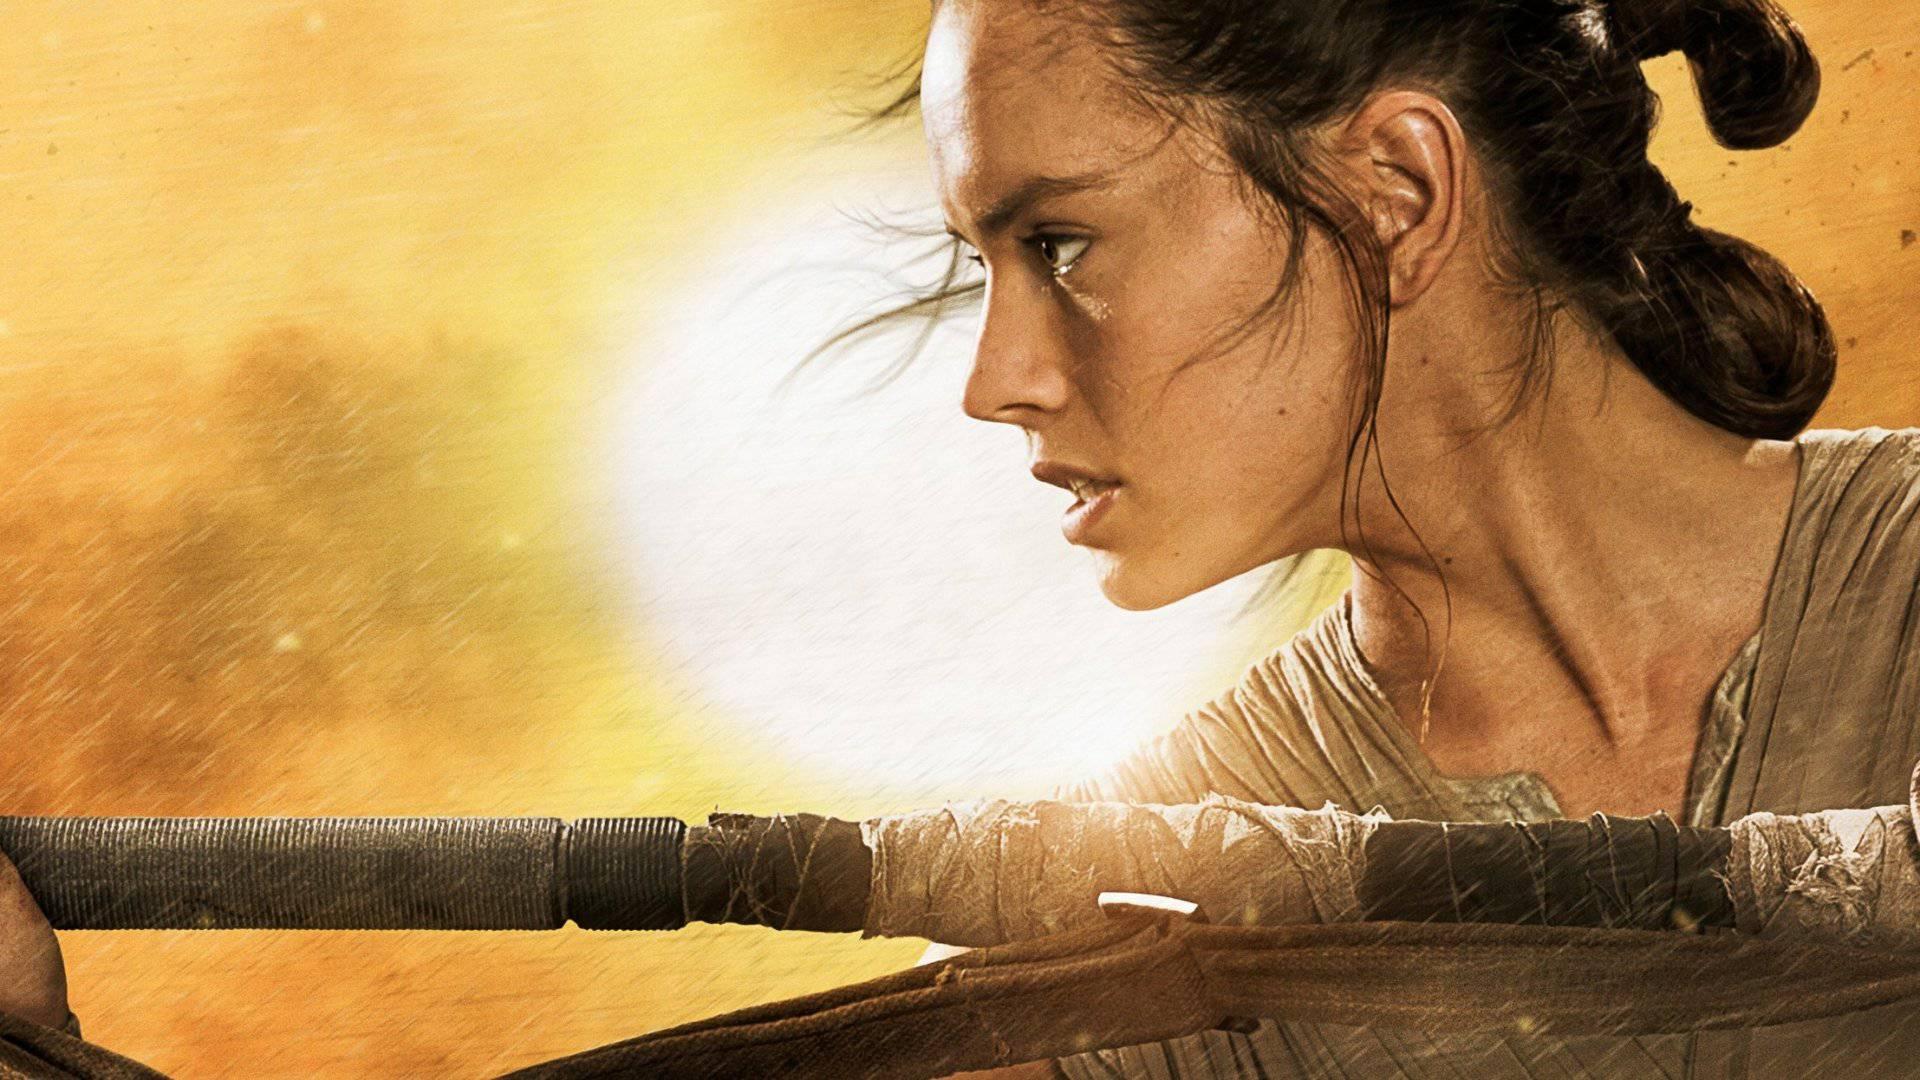 'Zvjezdani ratovi': J.J. Abrams komentirao Reyino podrijetlo